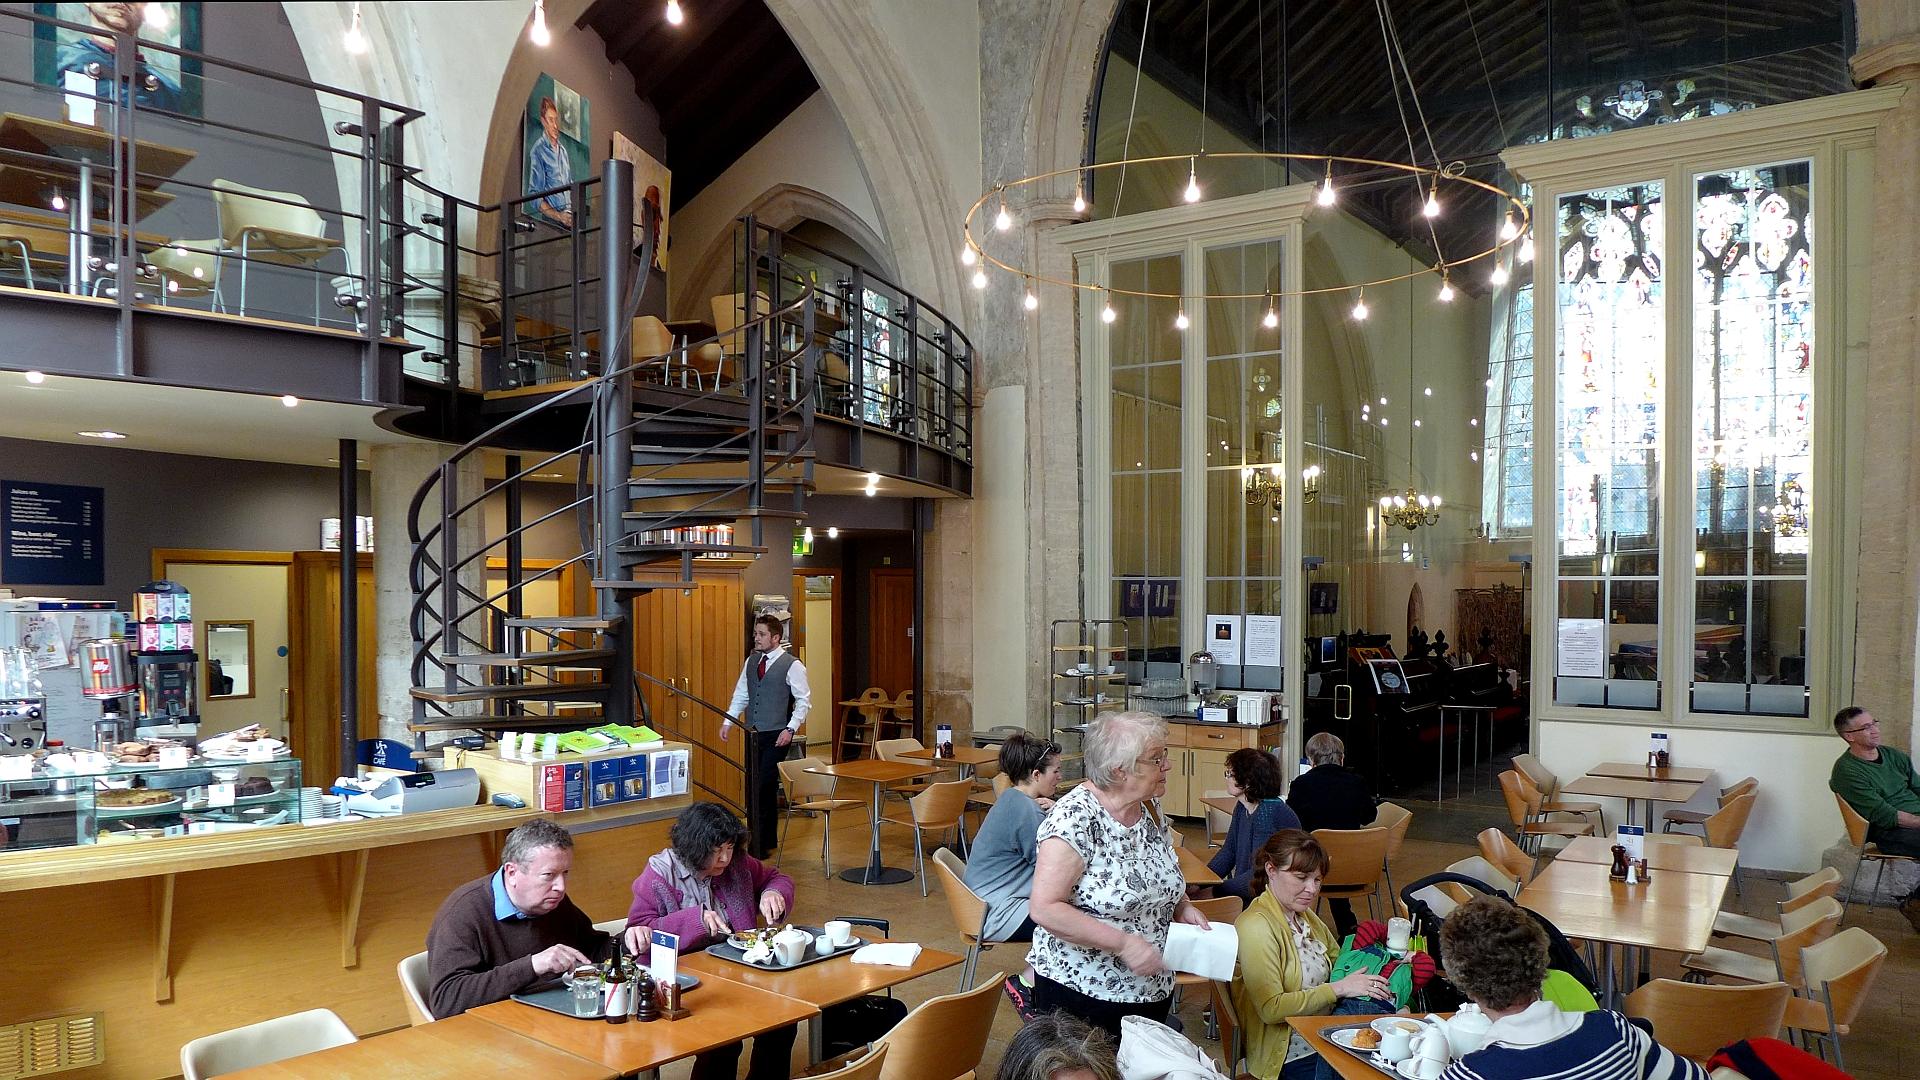 The 10 Best Restaurants In Cambridge England